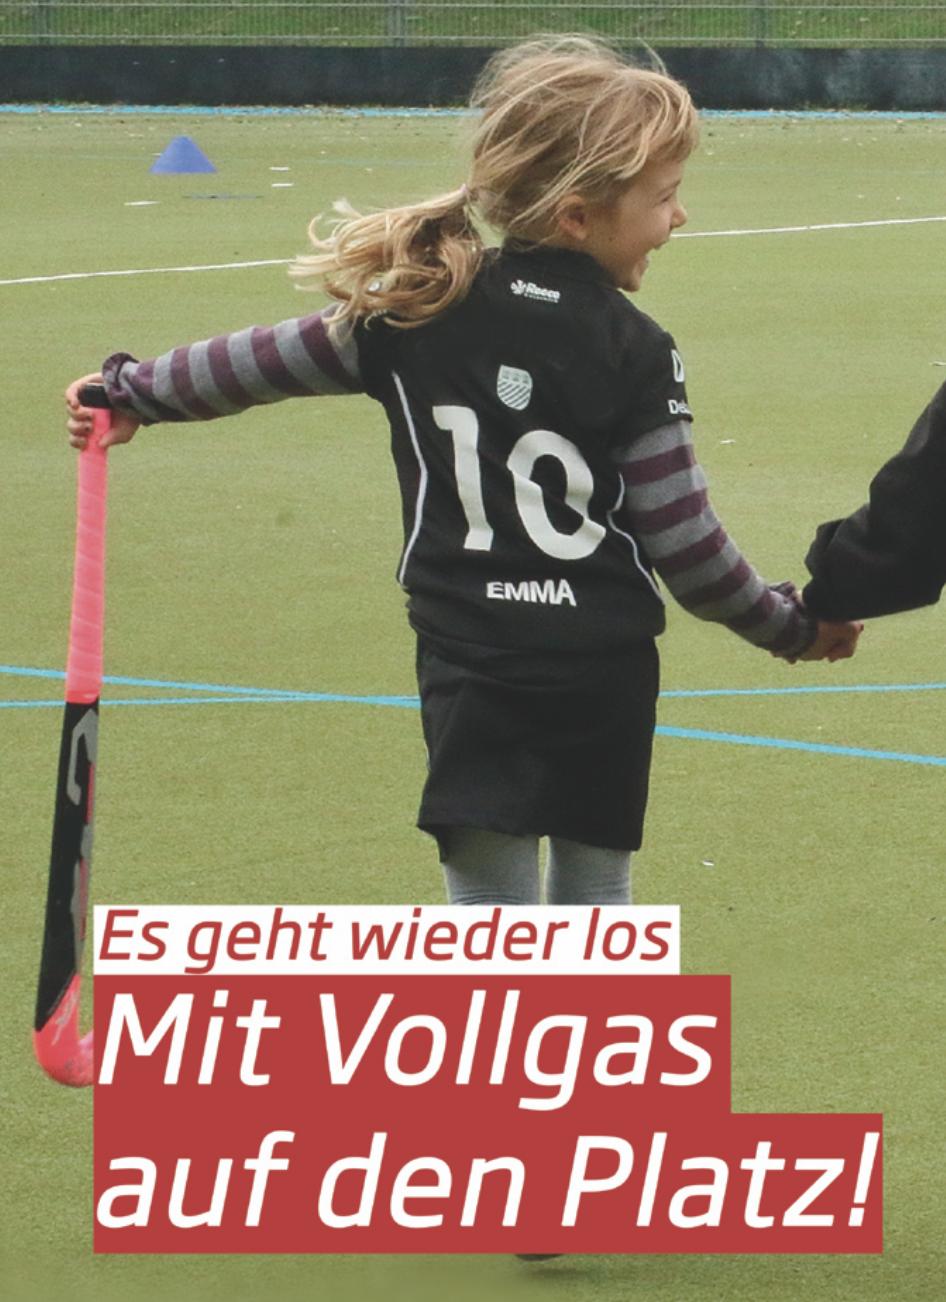 Neustart Jugendhockey